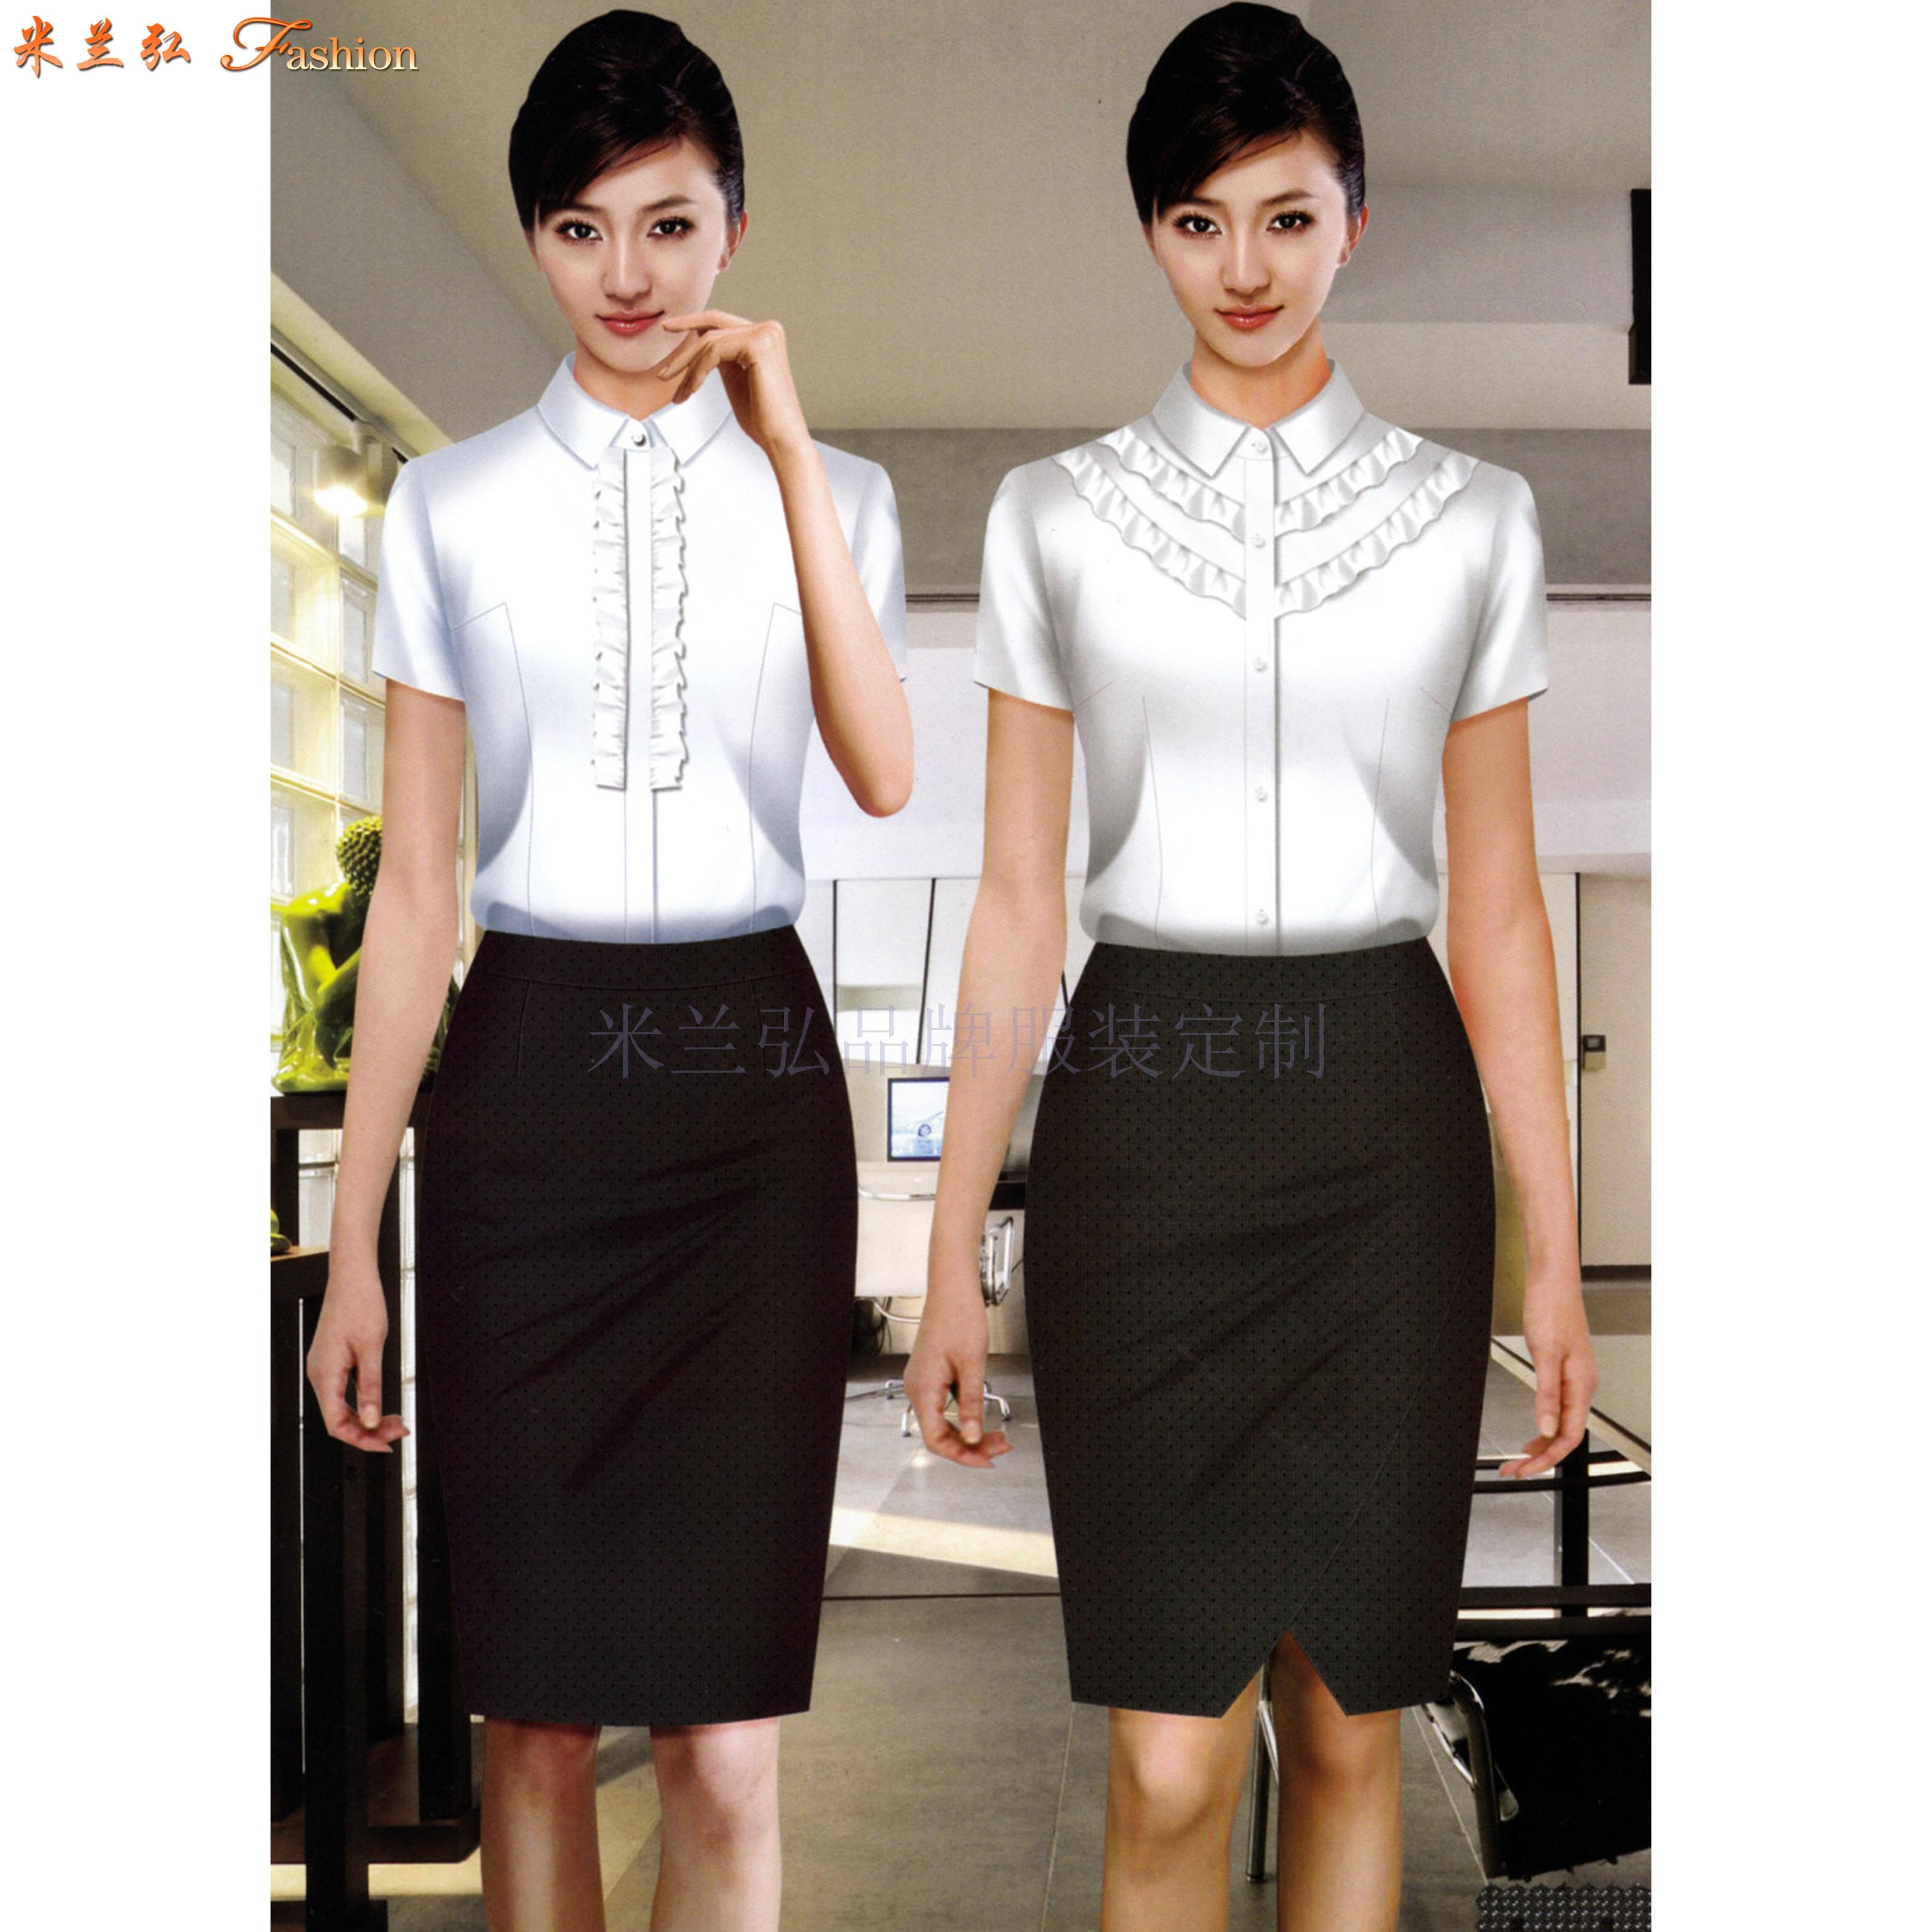 北京襯衫定制_北京襯衫訂做-米蘭弘服裝廠家-5